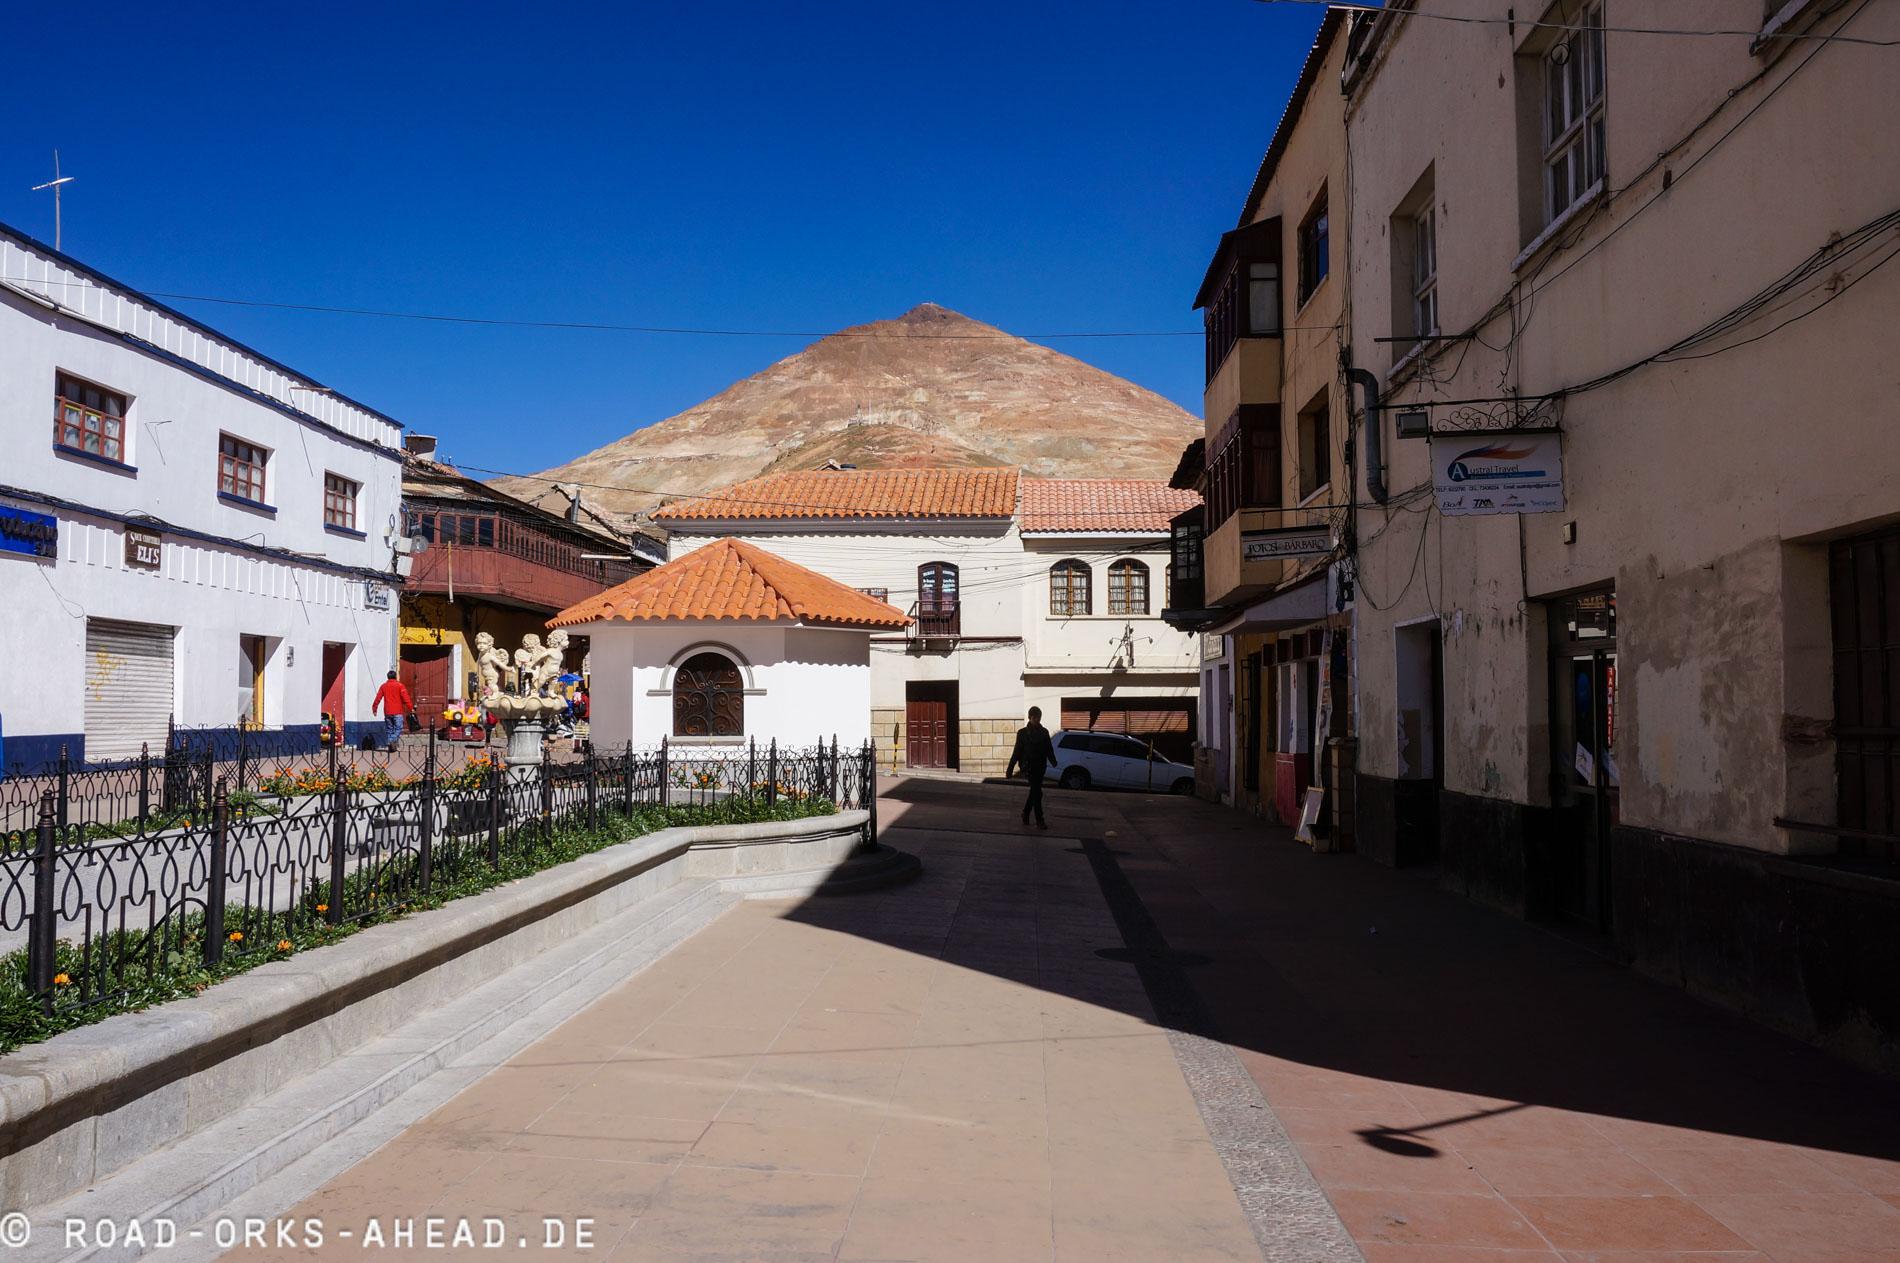 Cerro Rico (reicher Berg) über Potosi